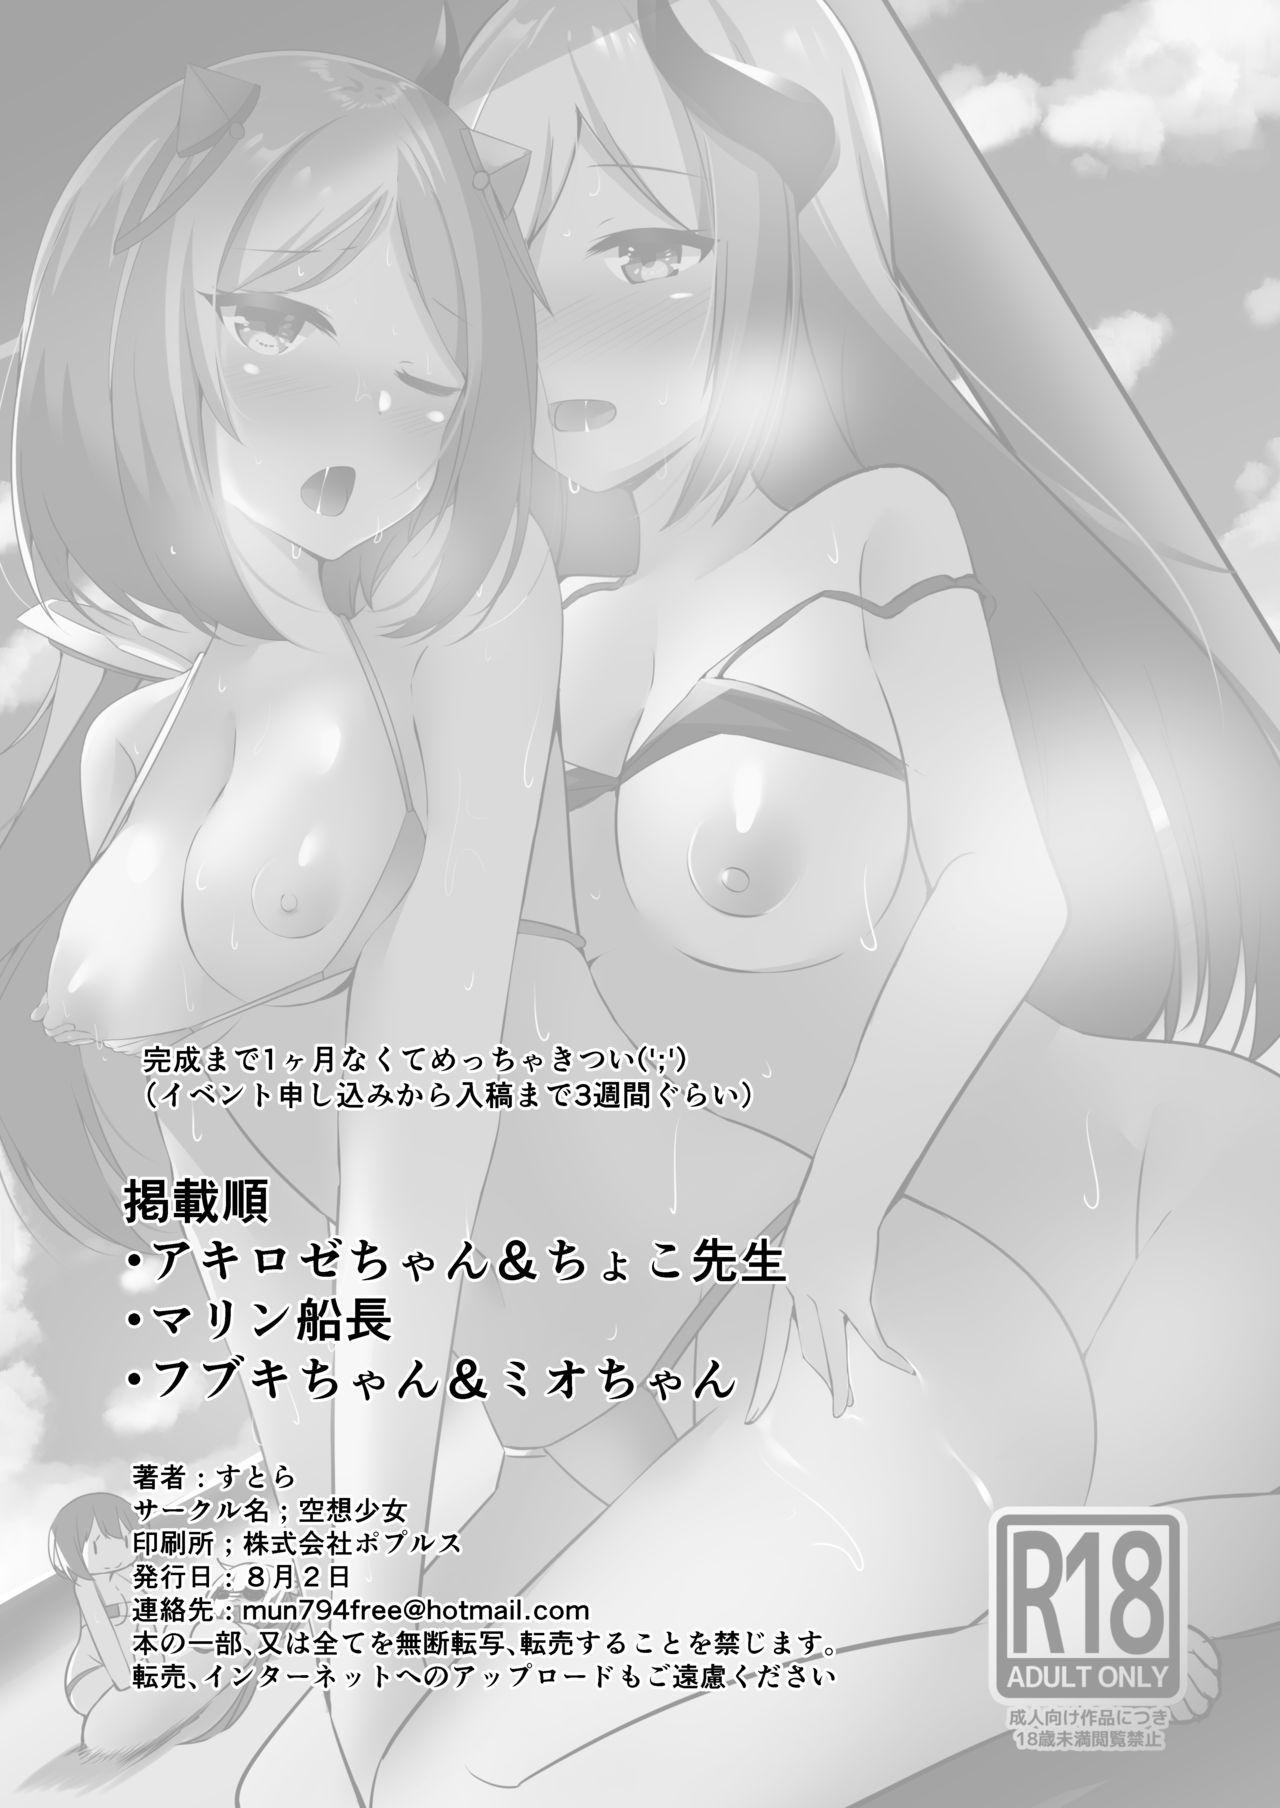 Virtual Erolive Hon Vol.2 2